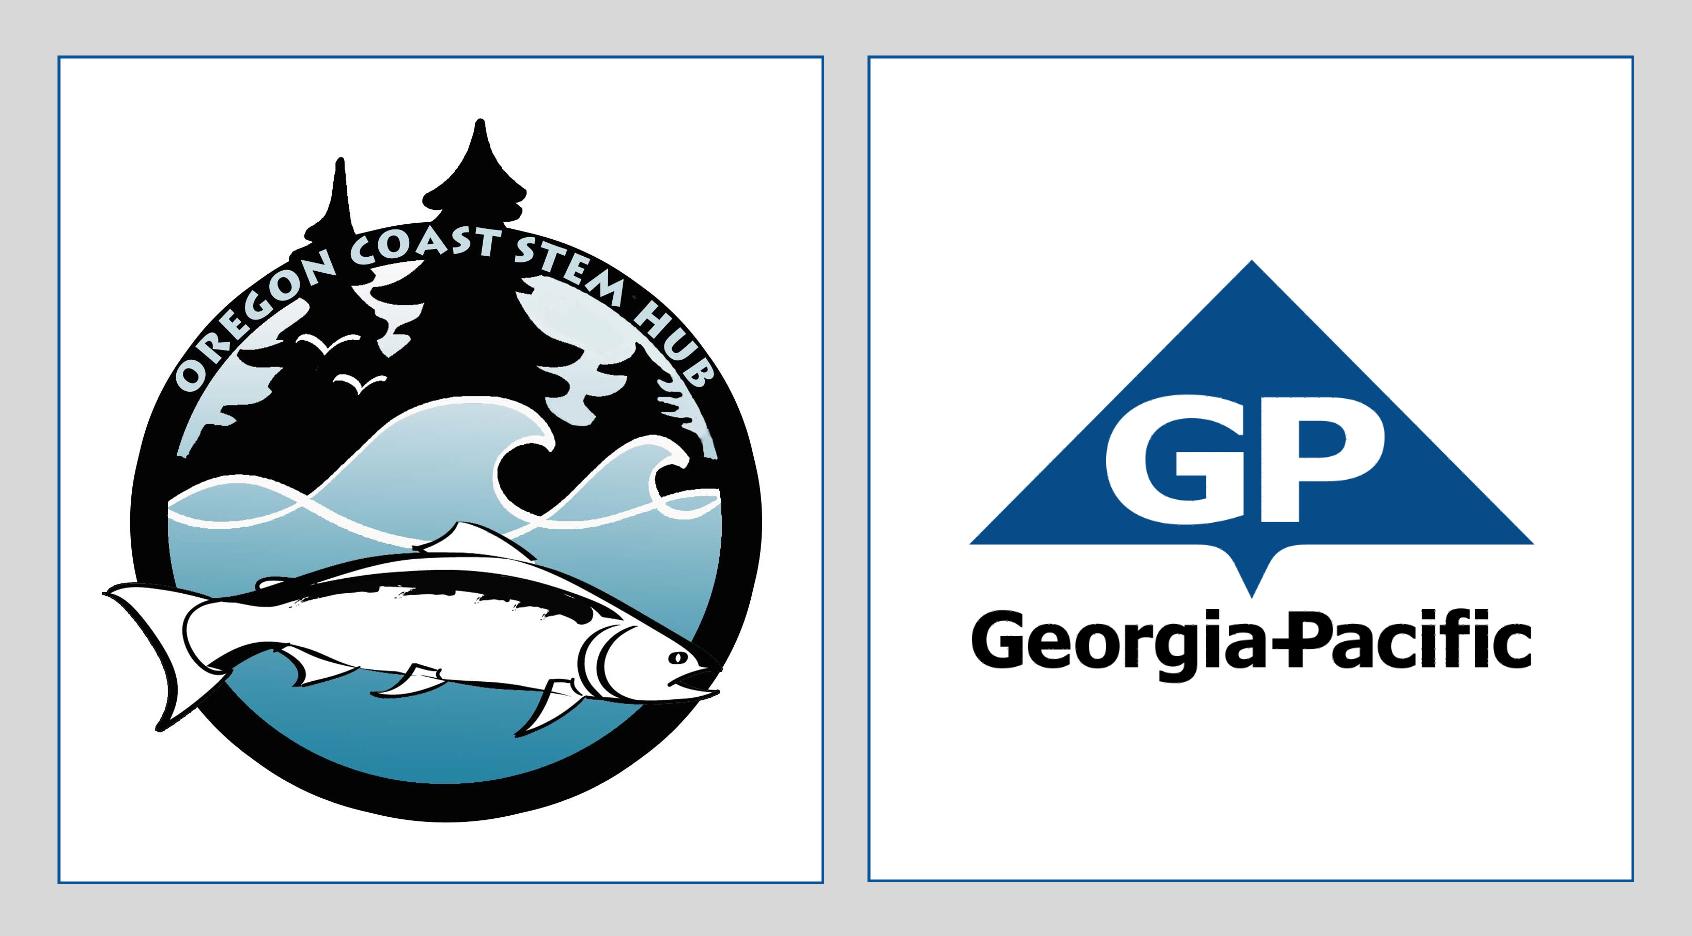 OCSH and GP logos